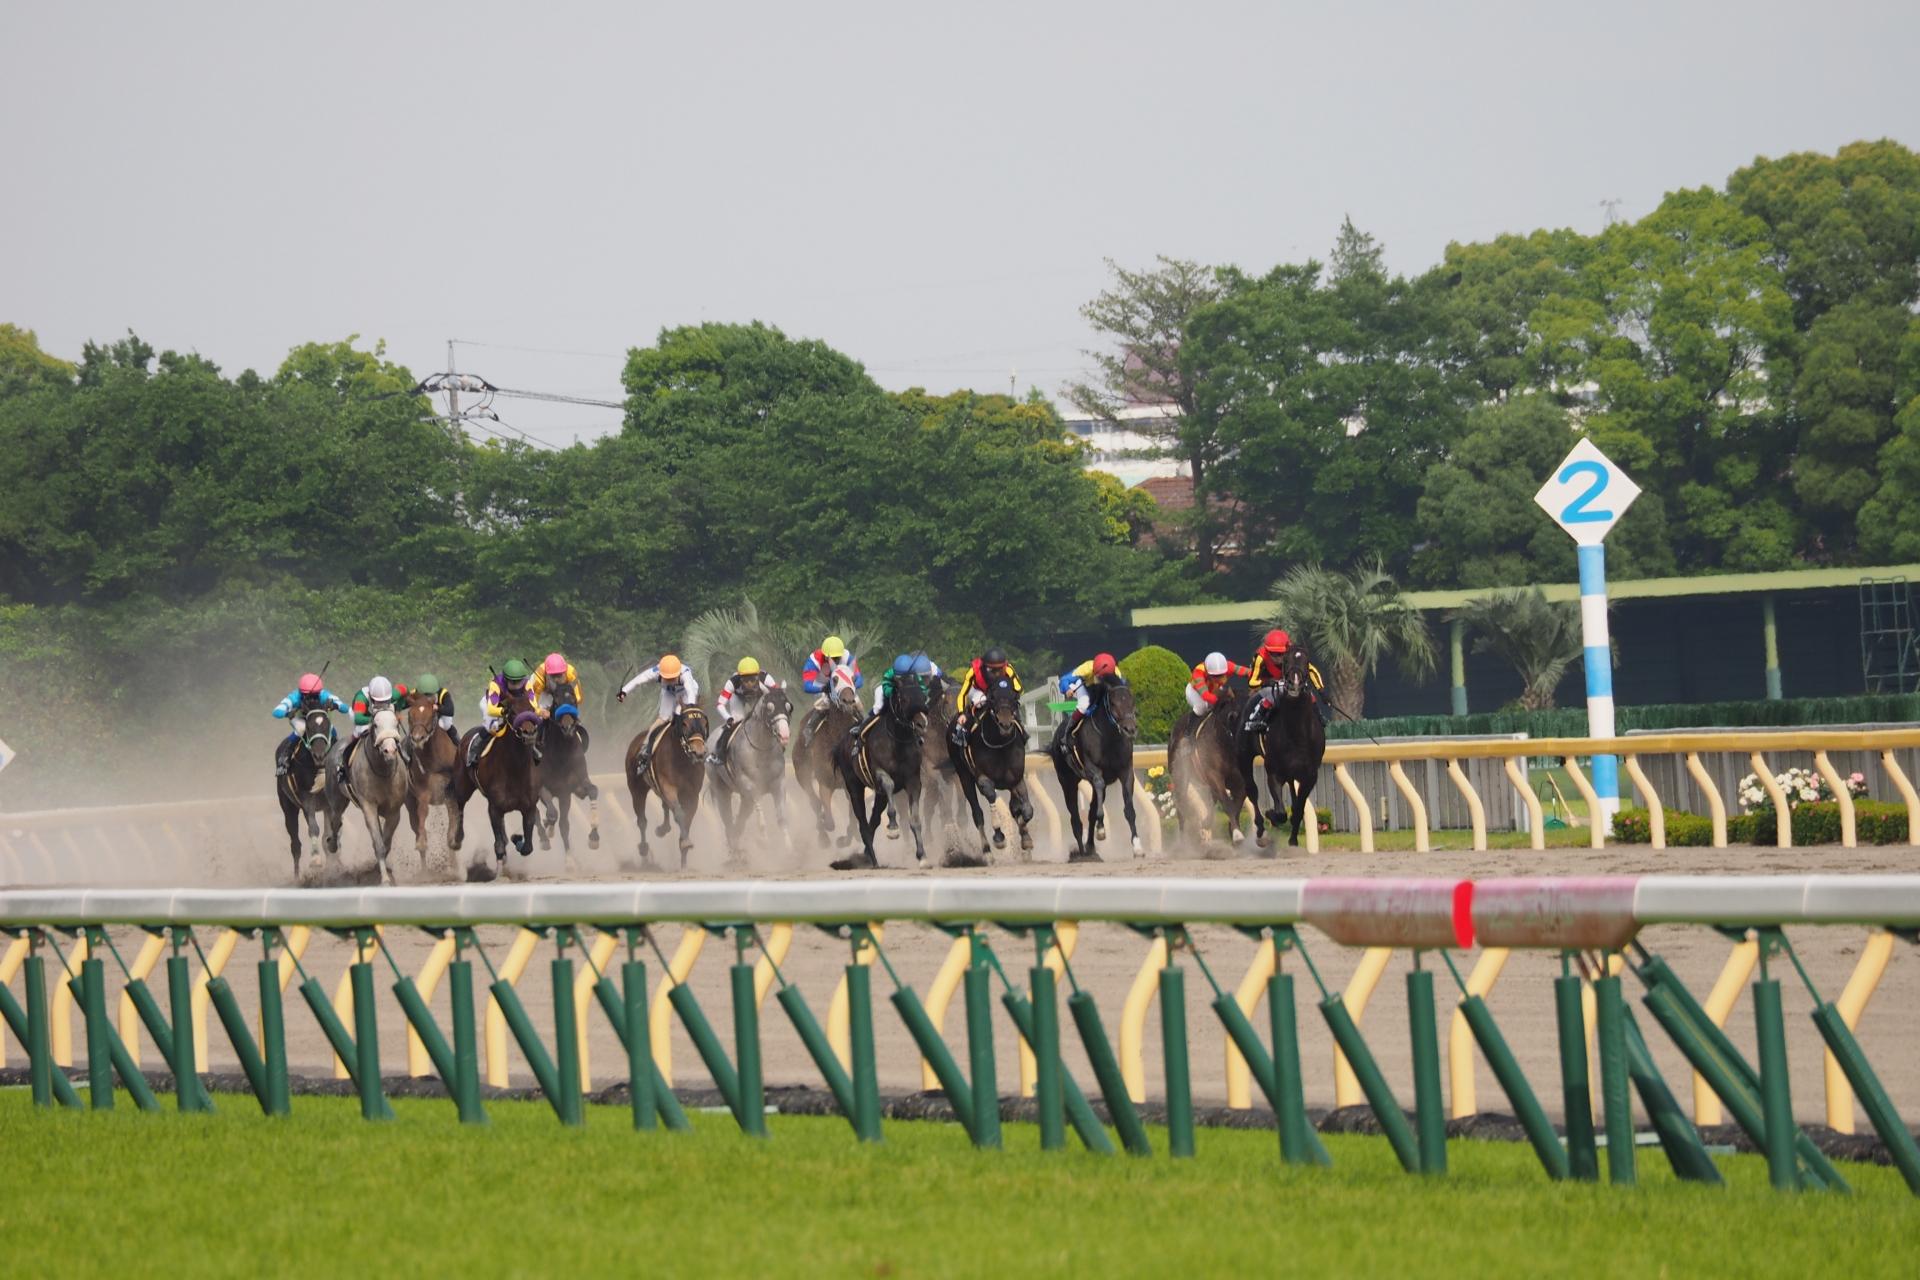 東京競馬場はグルメの宝庫!おすすめフードまとめ!競馬だけじゃない!